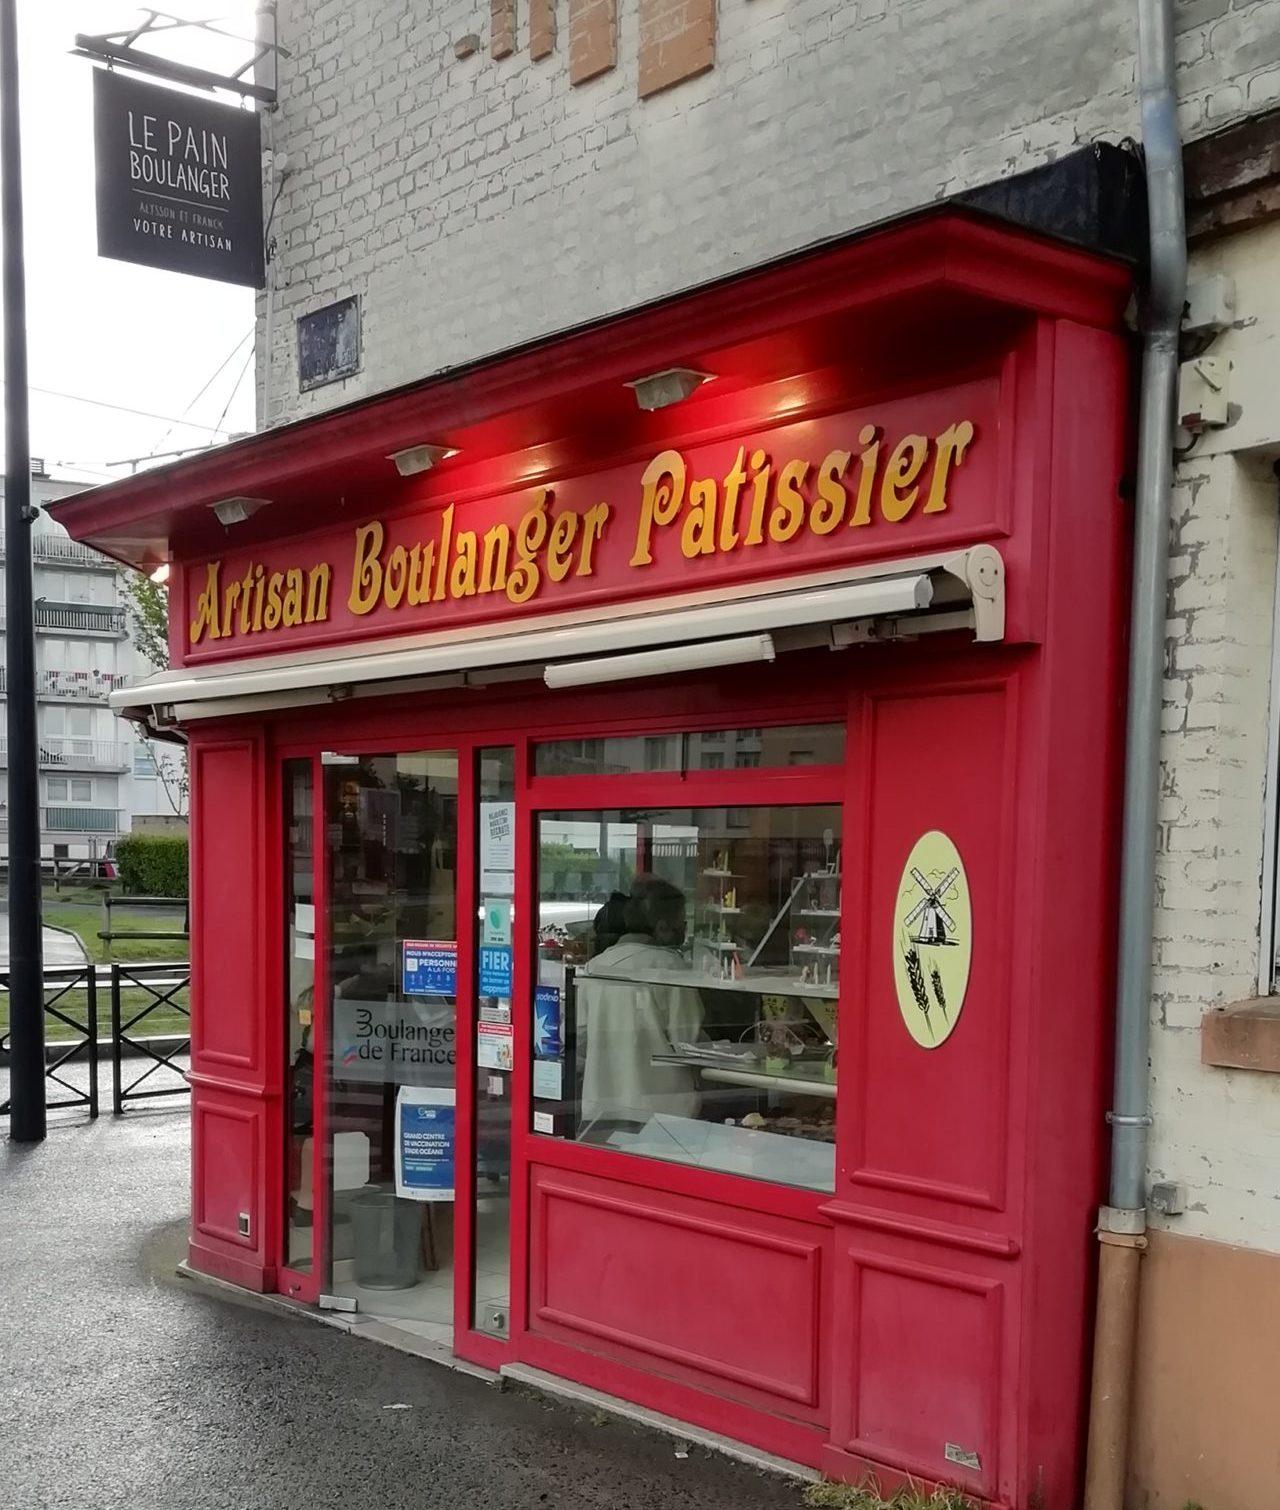 Dépannage vidéosurveillance dans une boulangerie au Havre 76600